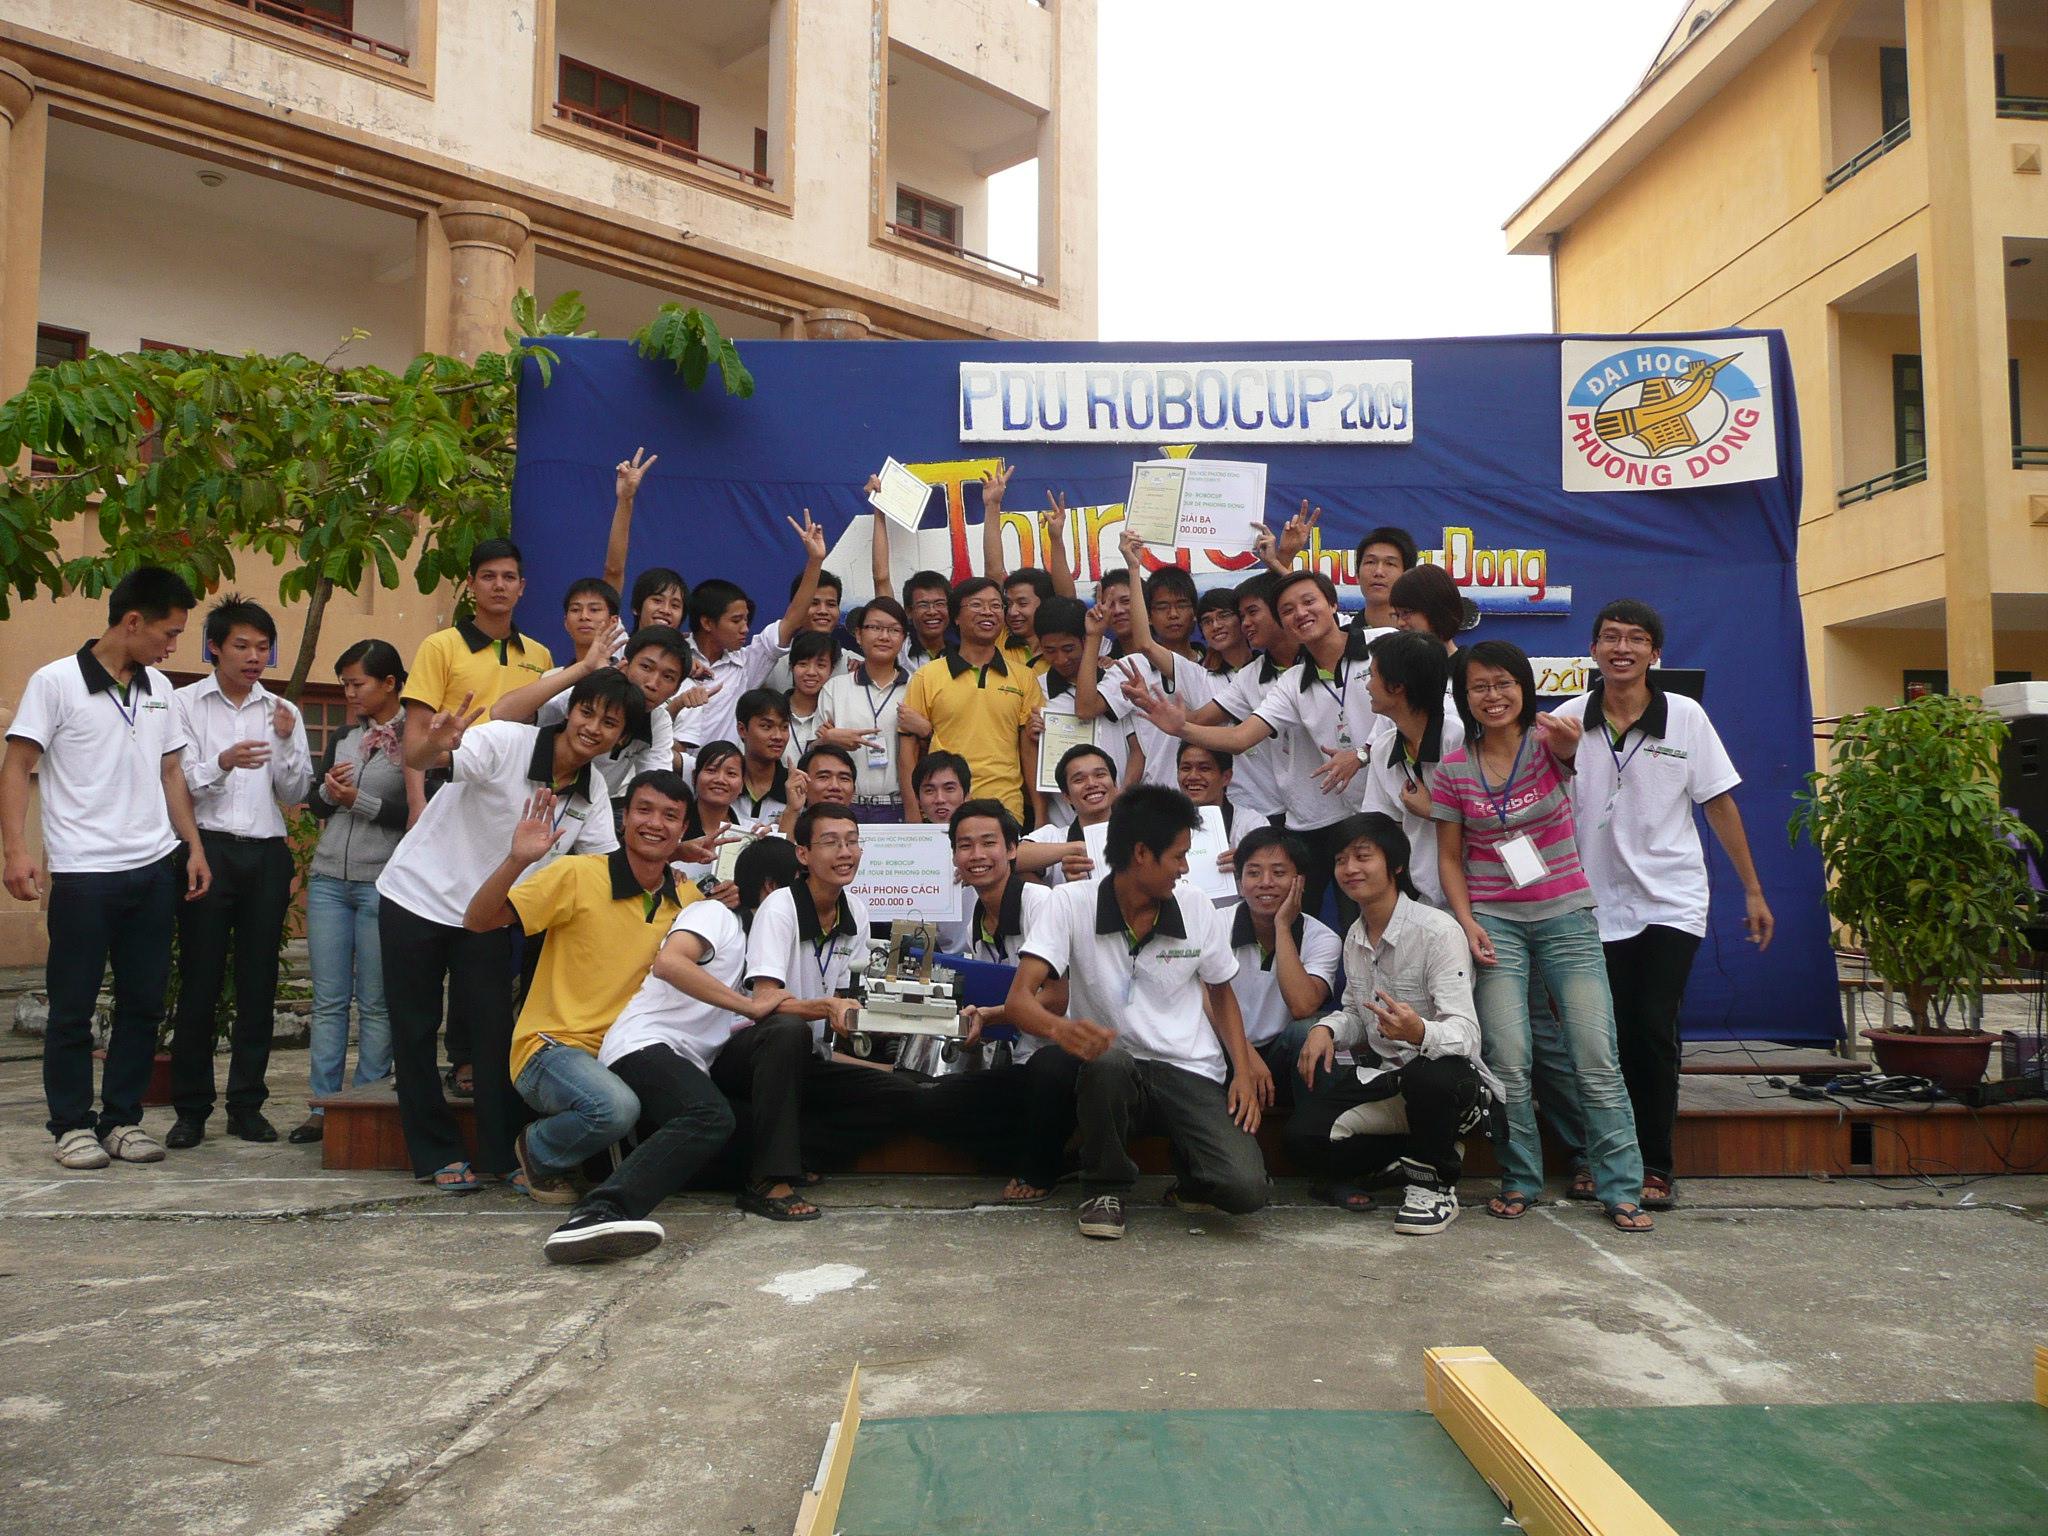 [Roboclub] PDU RoboCup niềm hào hứng của sinh viên ĐH Phương Đông